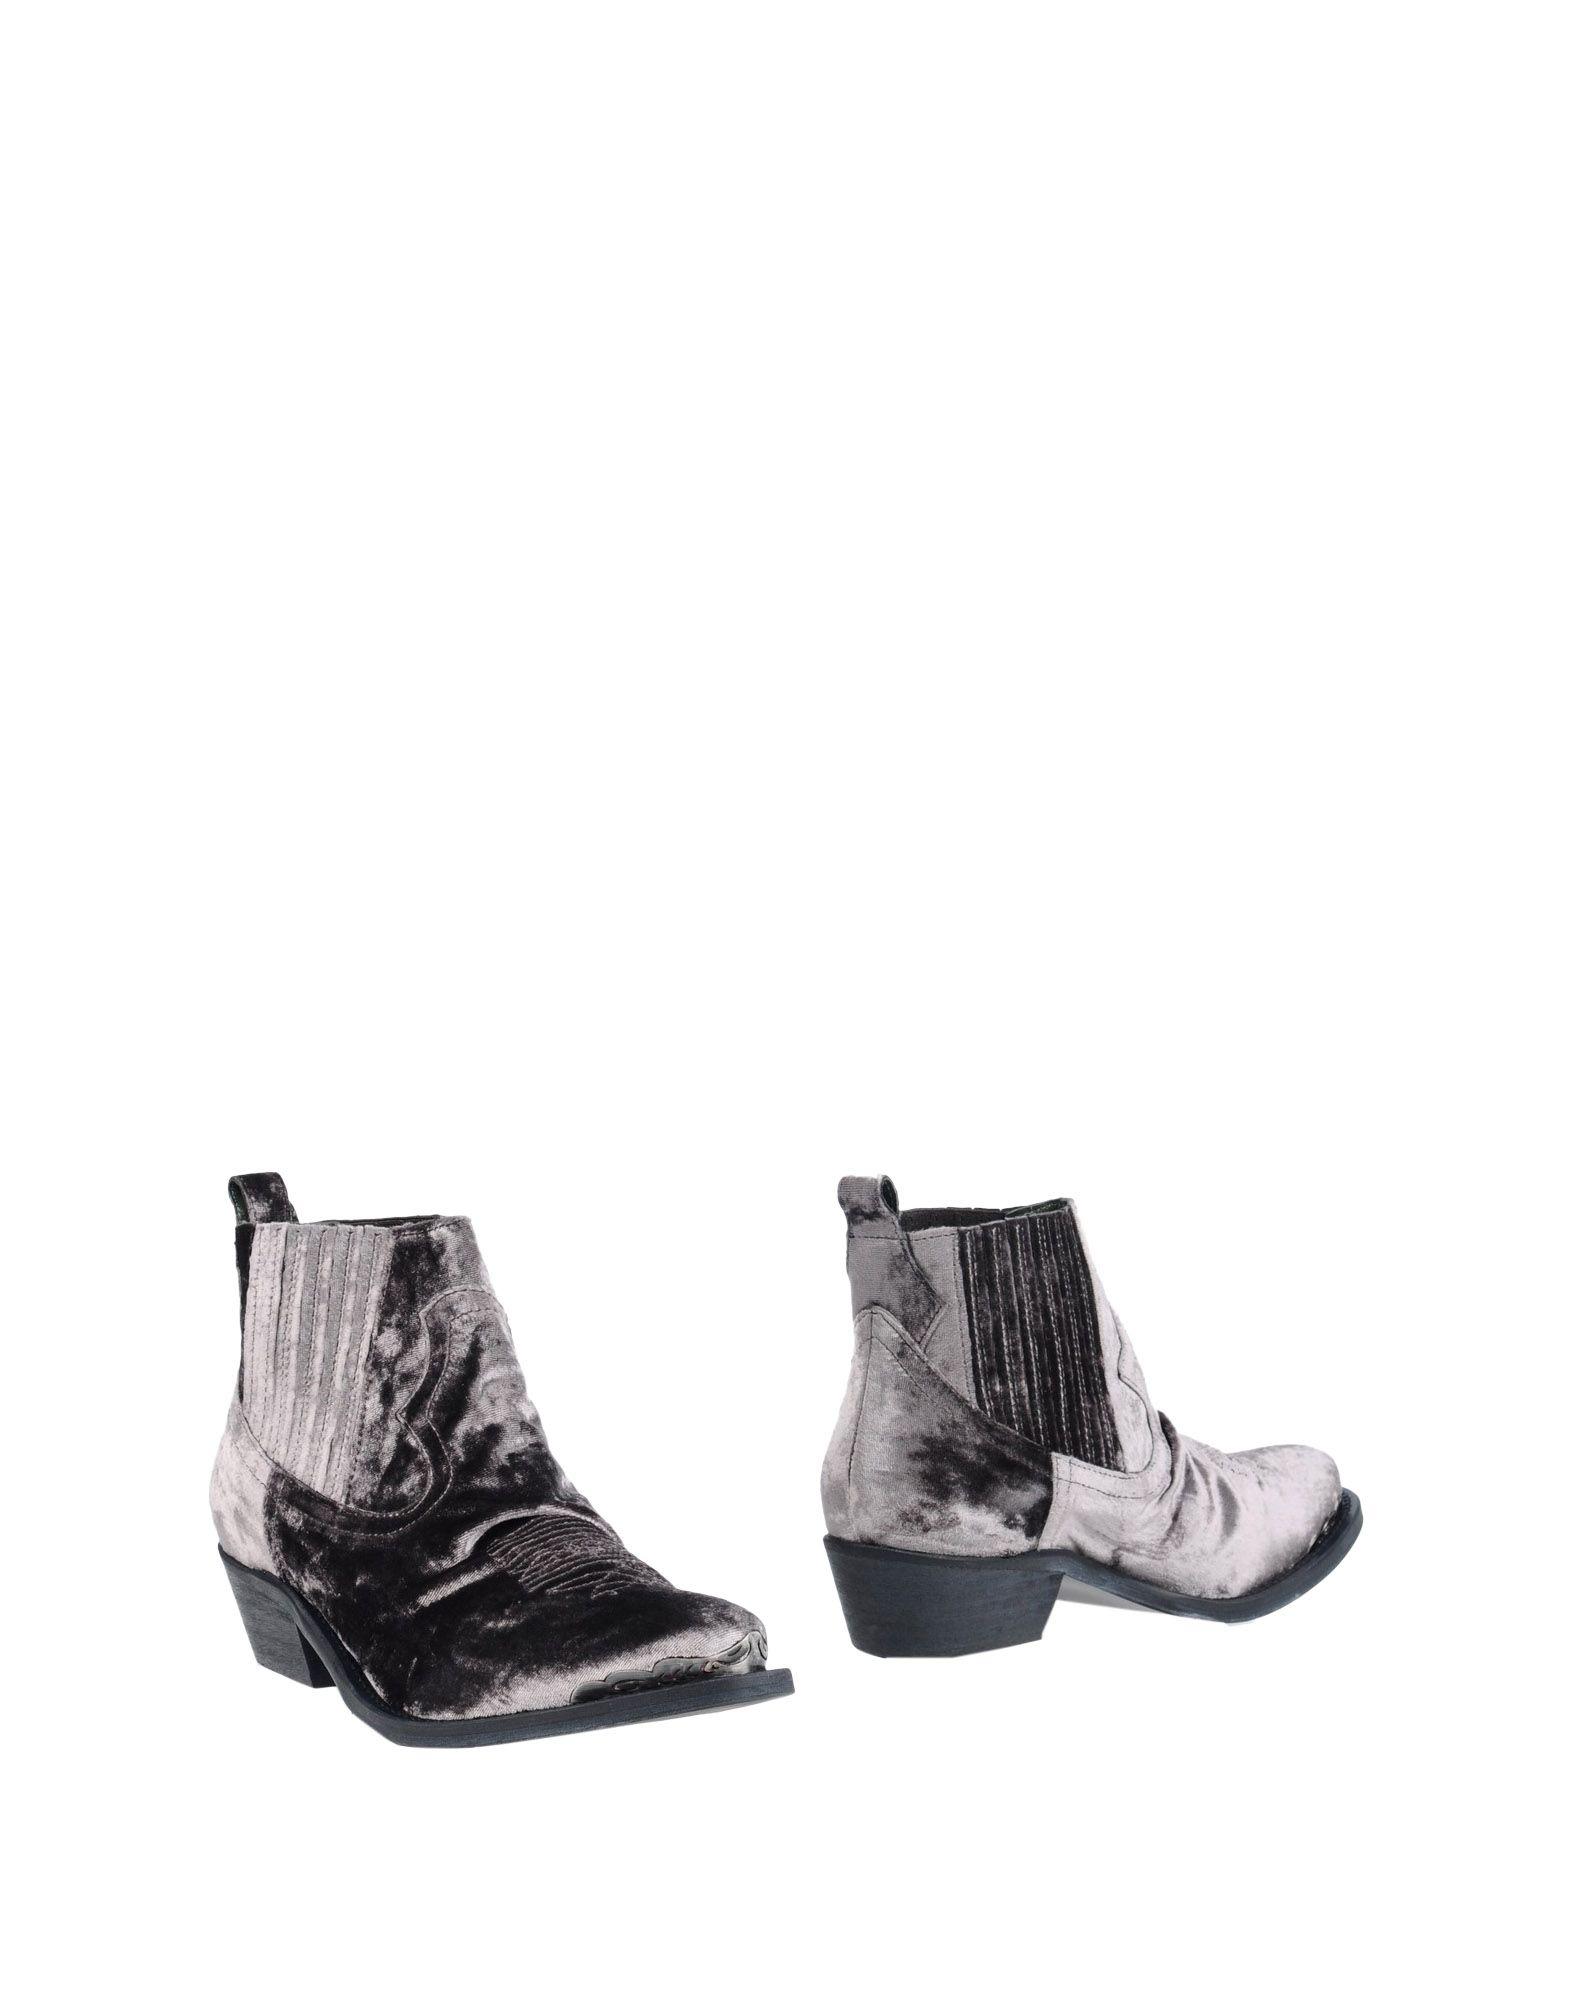 G Di G G Ankle Boot - Women G G Di G Ankle Boots online on  Australia - 11263120LI 797428